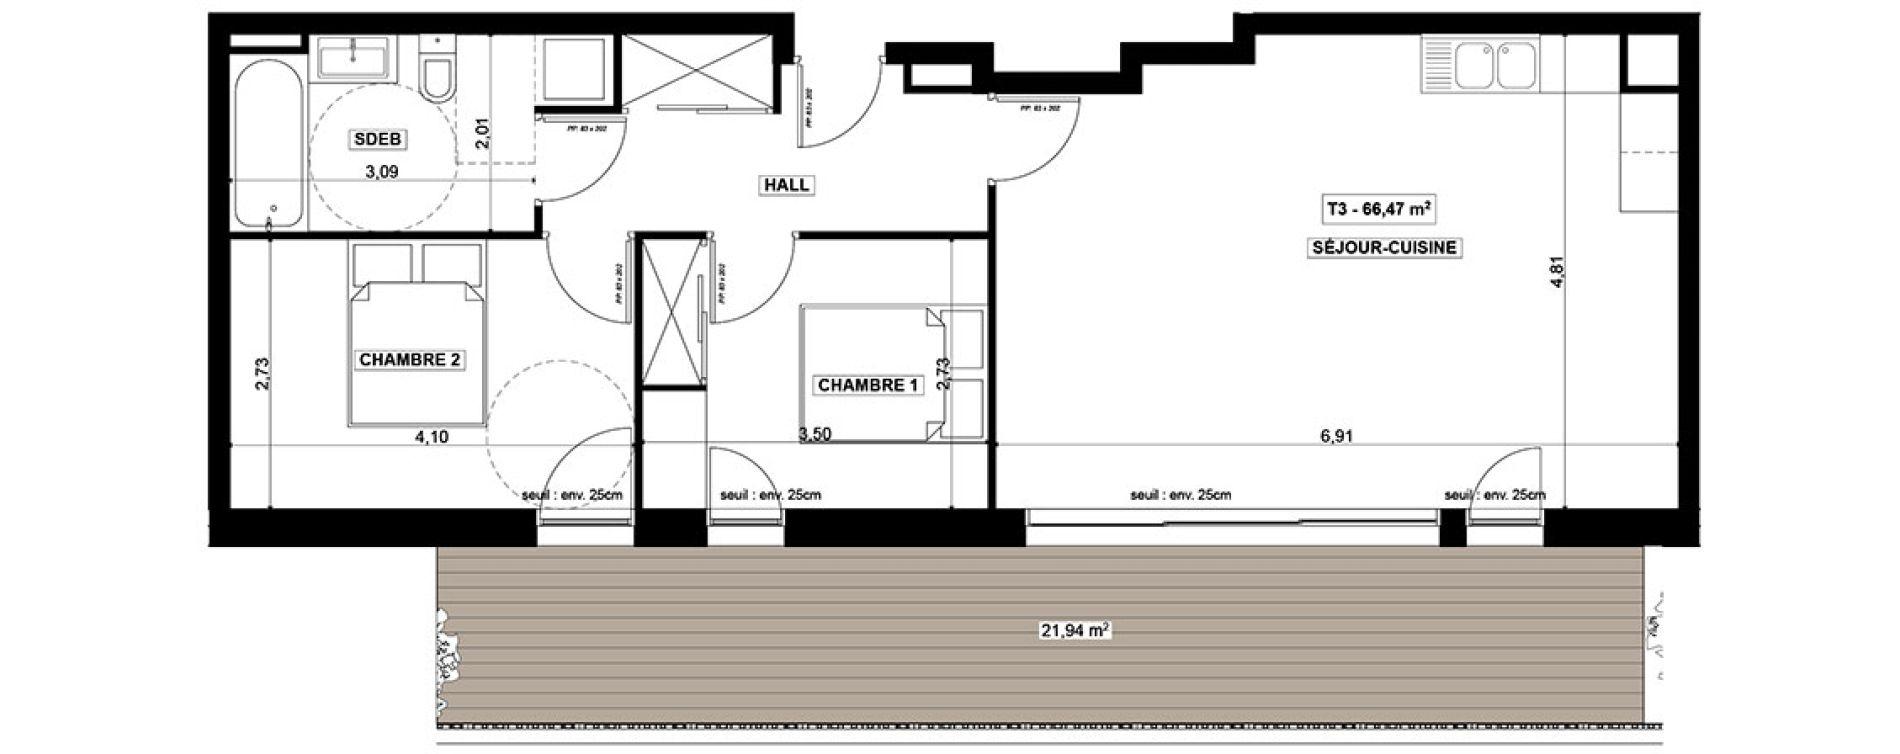 Appartement T3 de 66,47 m2 à Quimper Centre